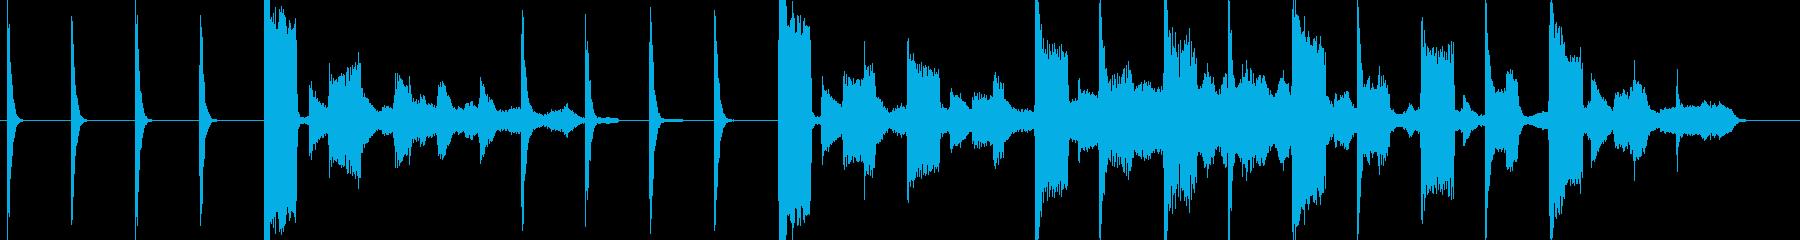 着信コールサイン電話ループ設定ジングルの再生済みの波形